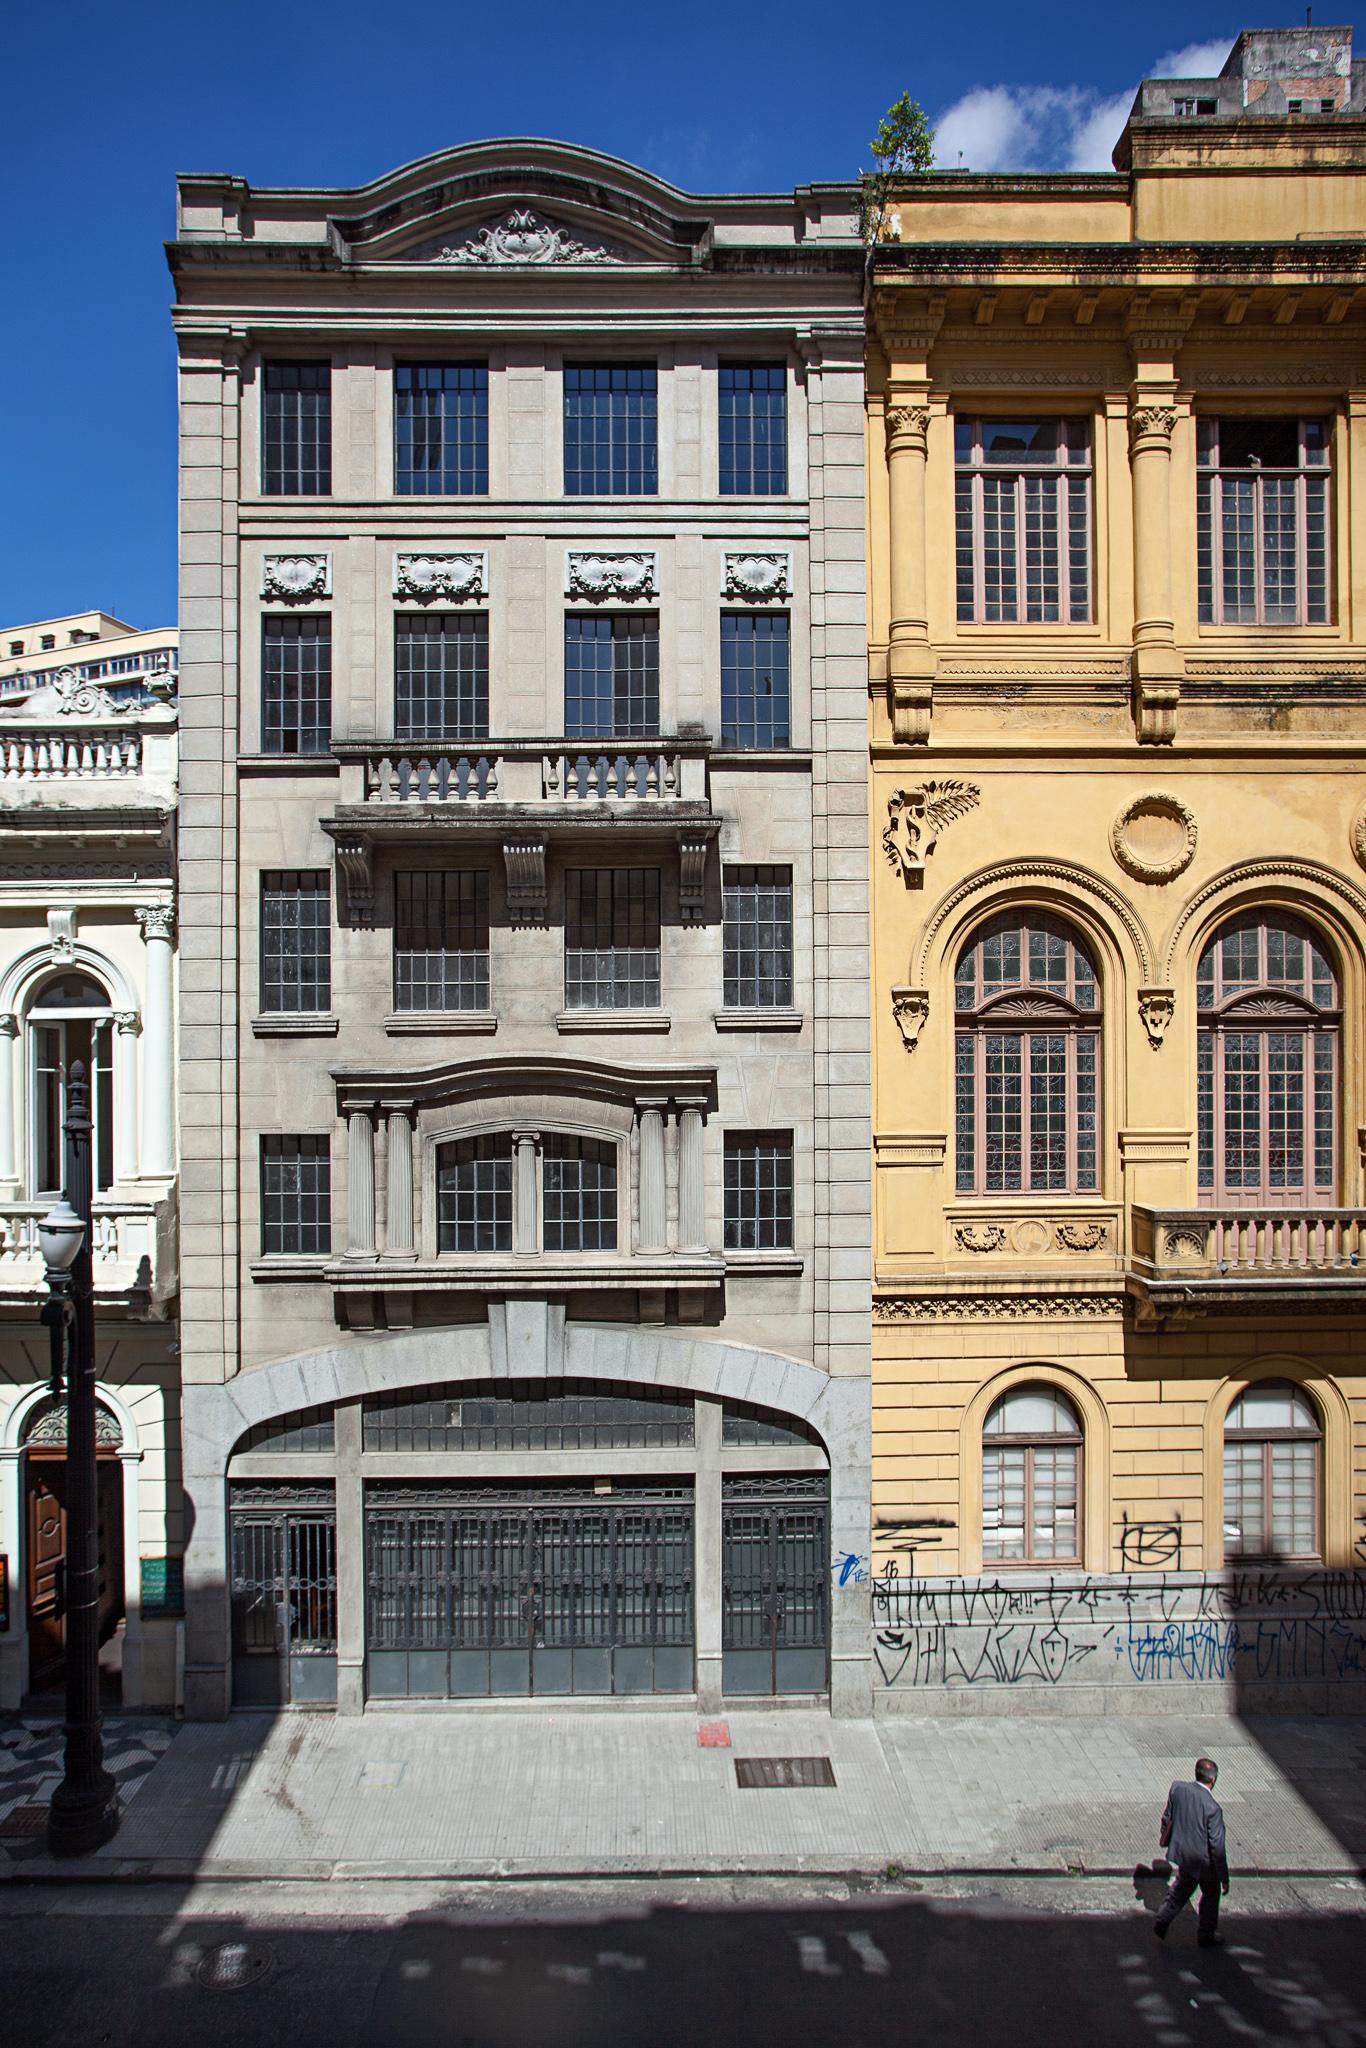 A fachada do prédio que será ocupado pela Ray-Ban, no centro de São Paulo. Foto: divulgação